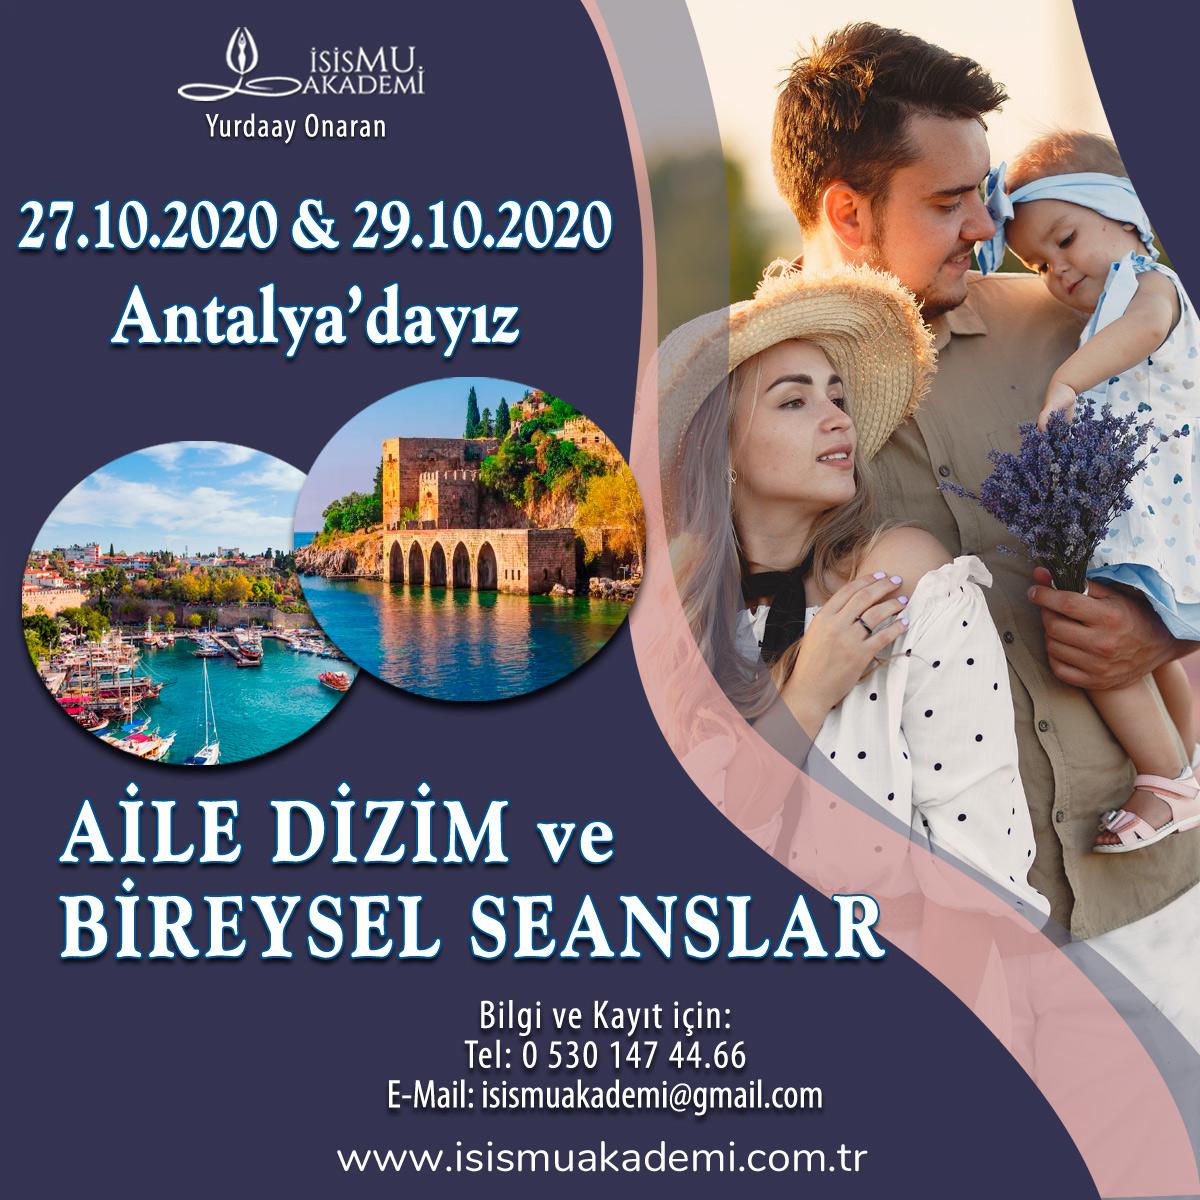 AİLE DİZİMİ VE BİREYSEL SEANSLAR/ANTALYA